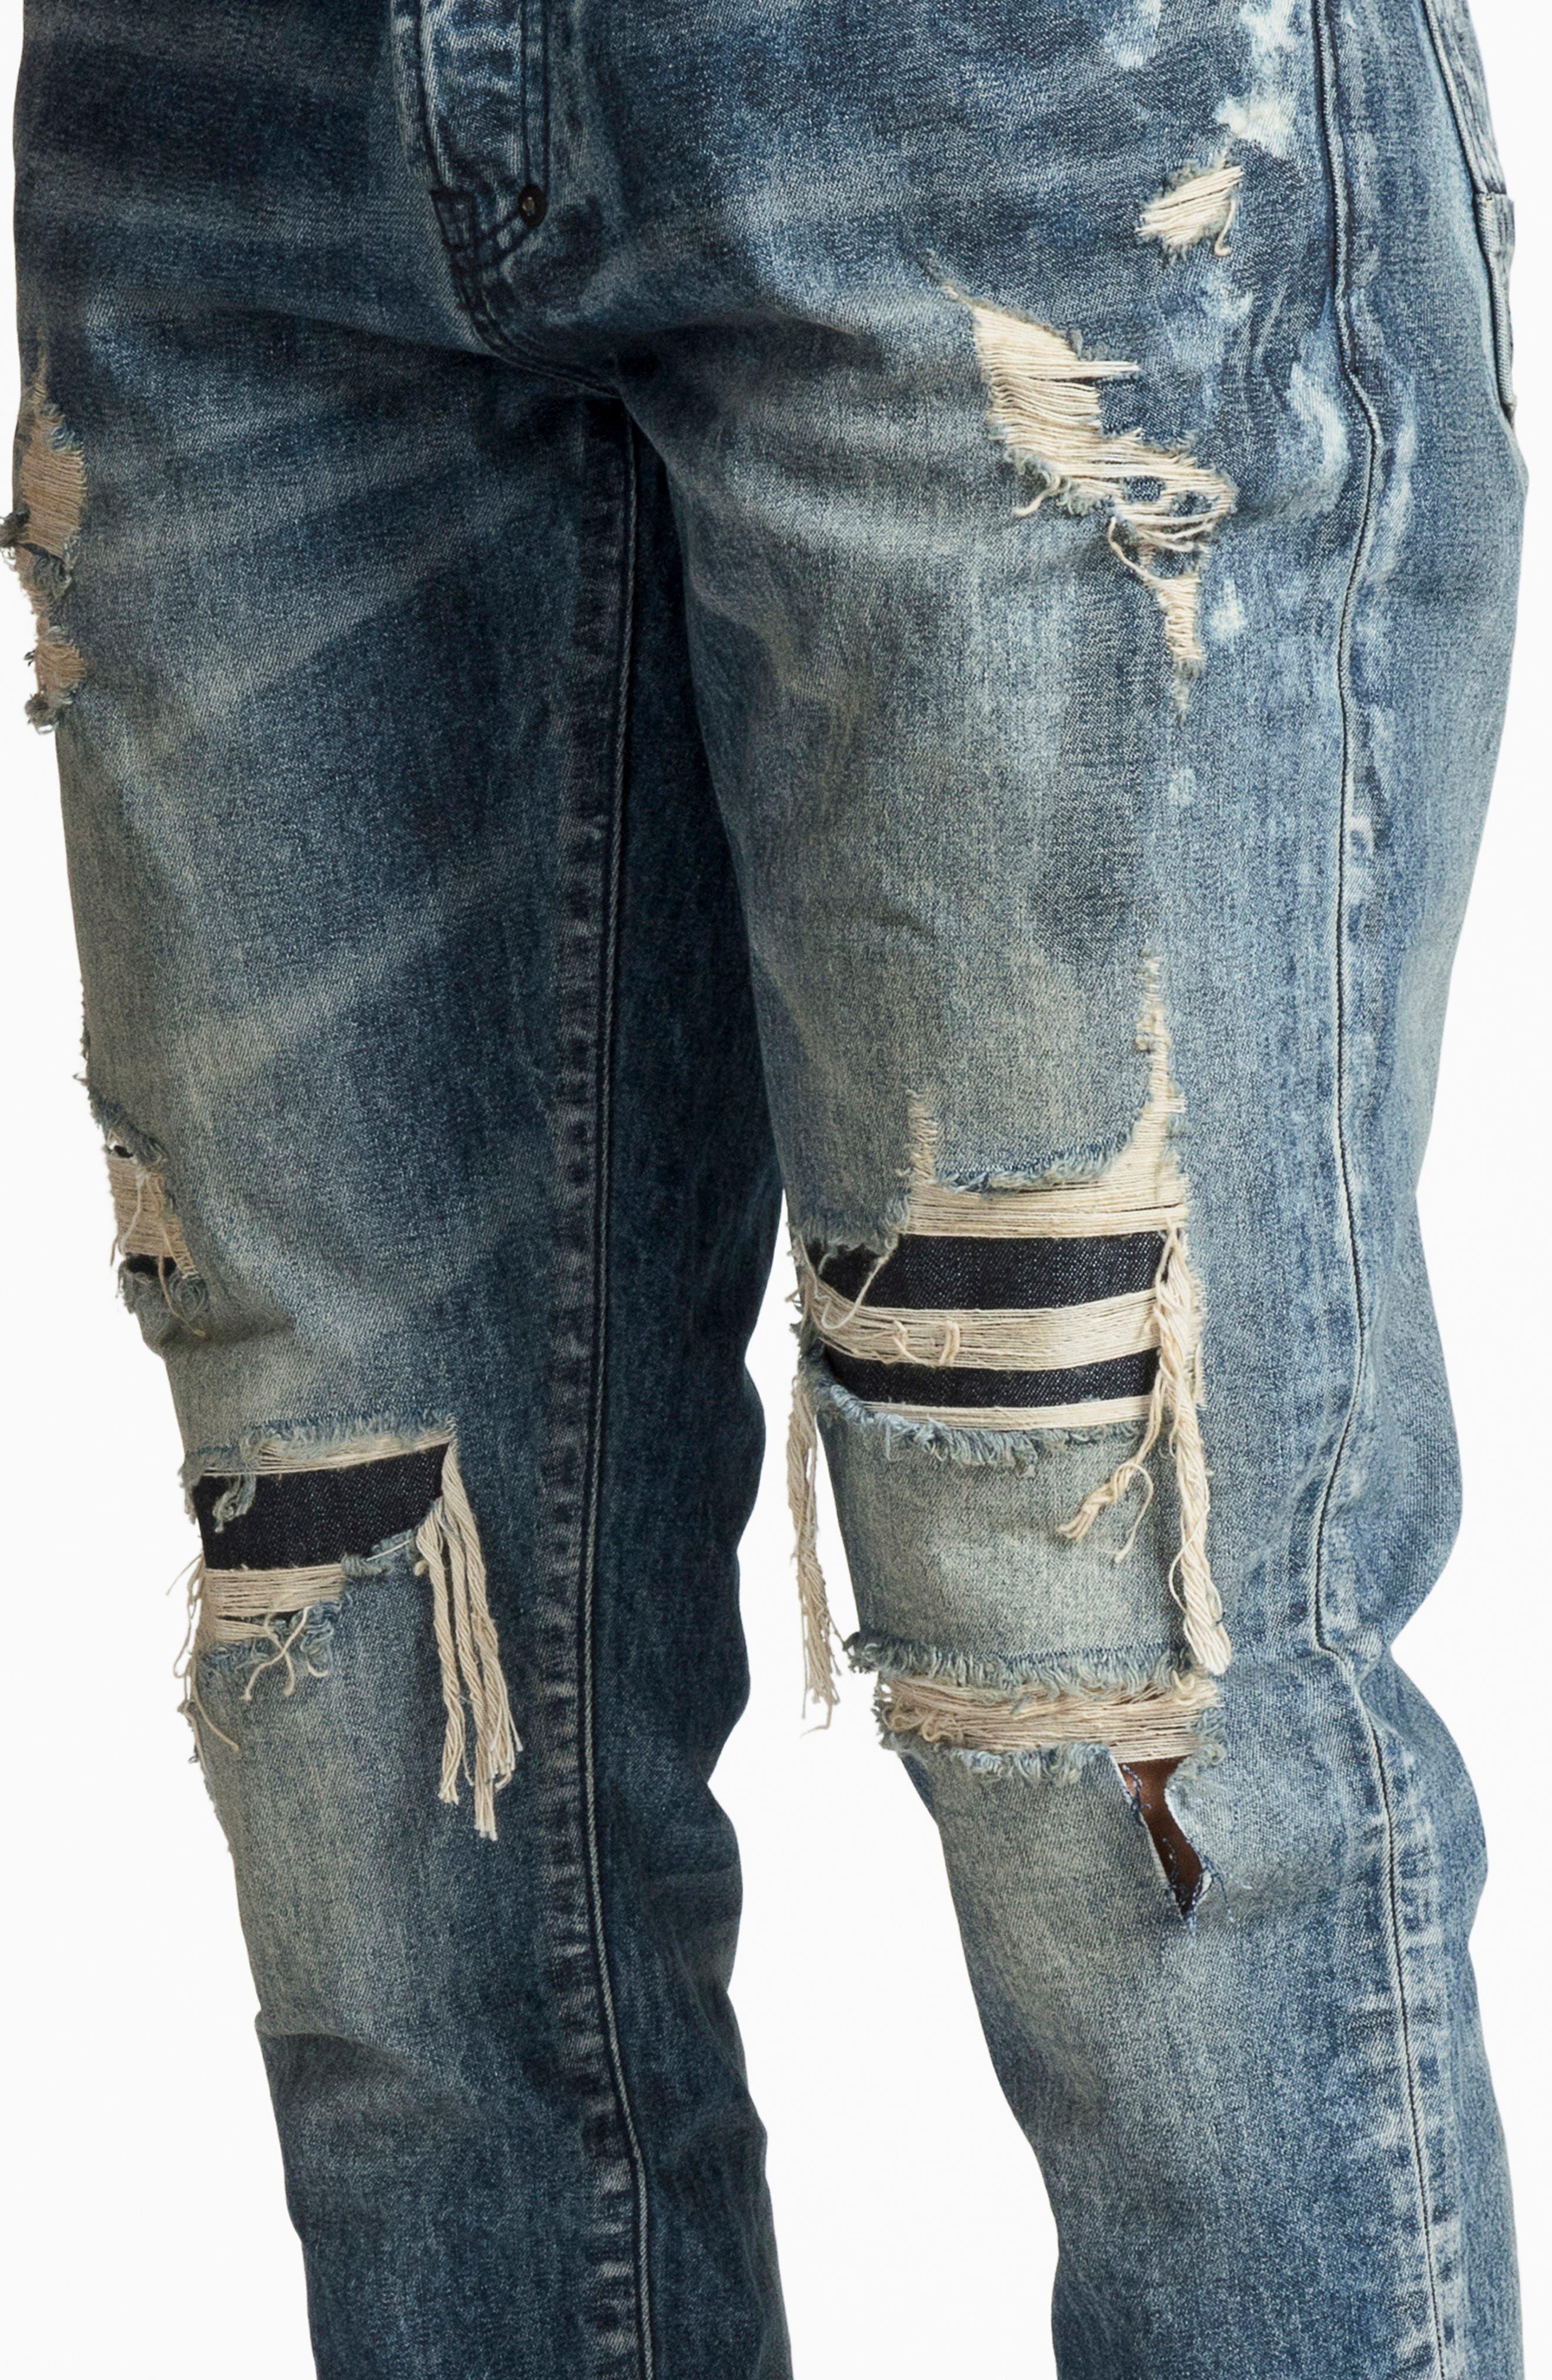 Le Sabre Slim Fit Jeans,                             Alternate thumbnail 4, color,                             MELODIC